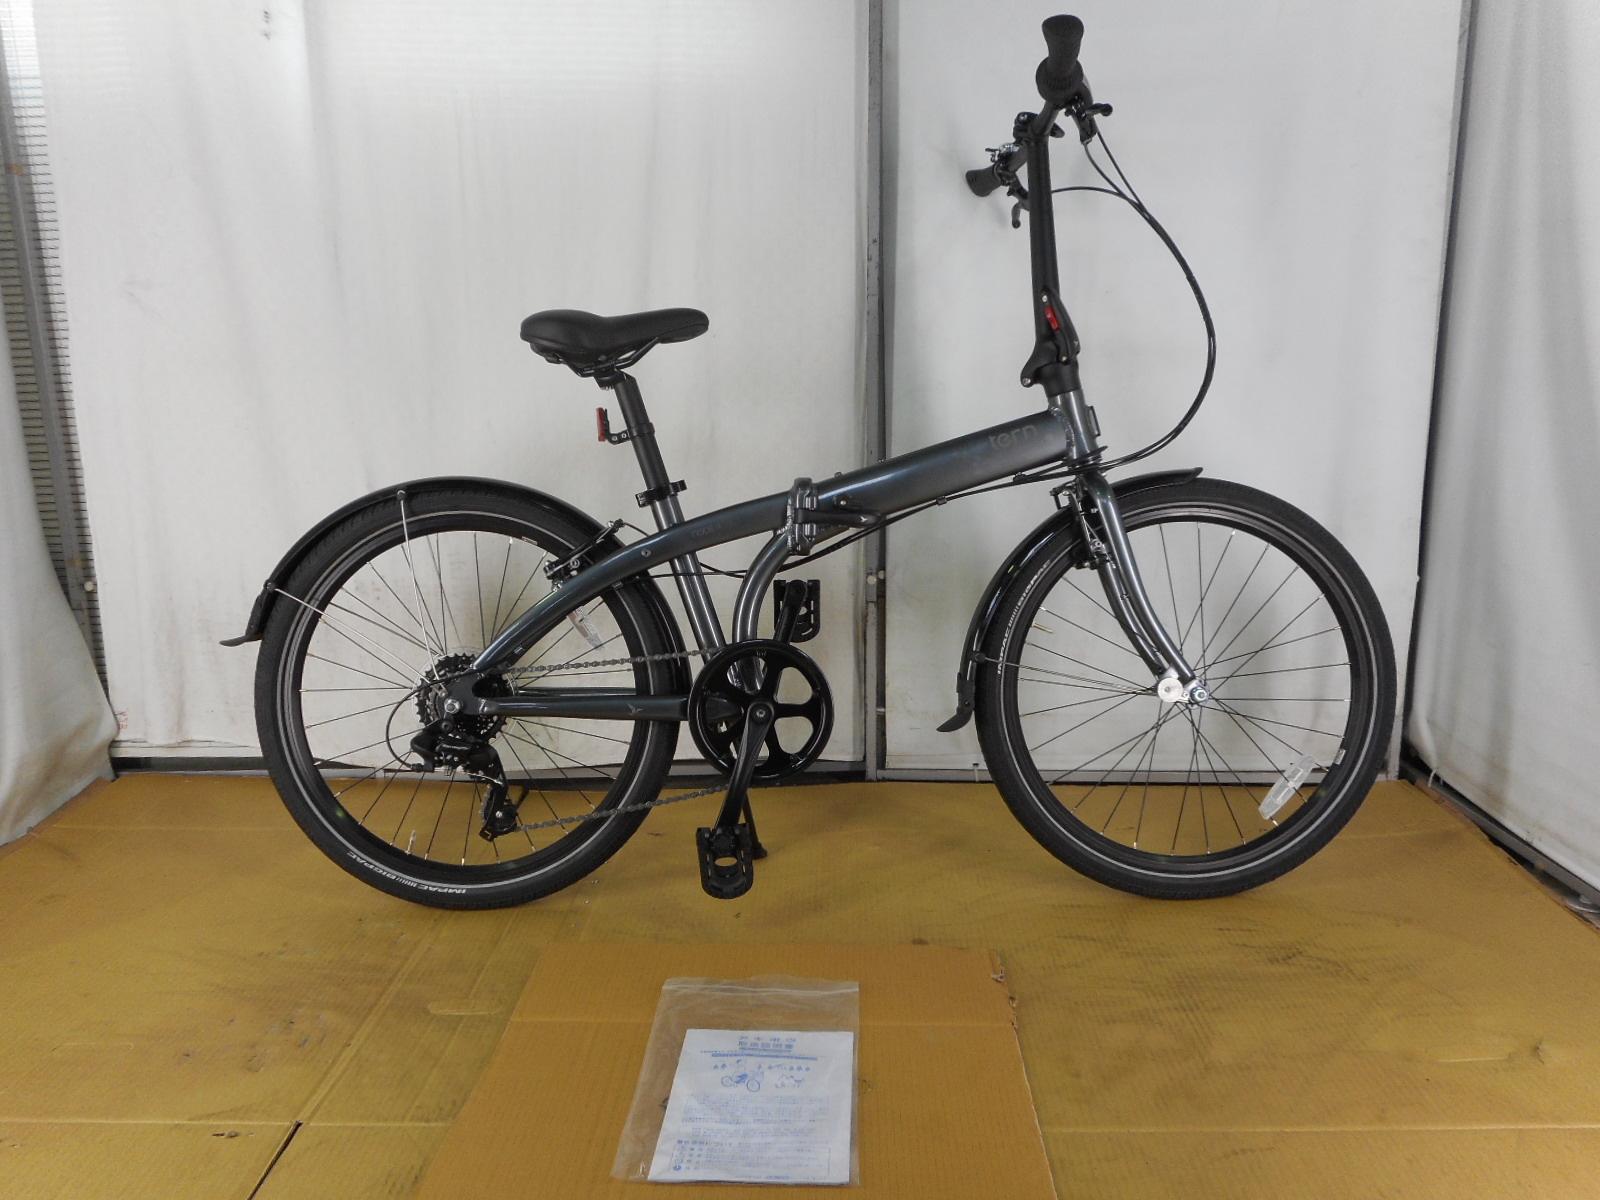 【整備済】【30%OFF】アウトレット2020Tern(ターン)Node C8(ノードC8)GUNMETAL GRAY 折りたたみ自転車 在庫限り